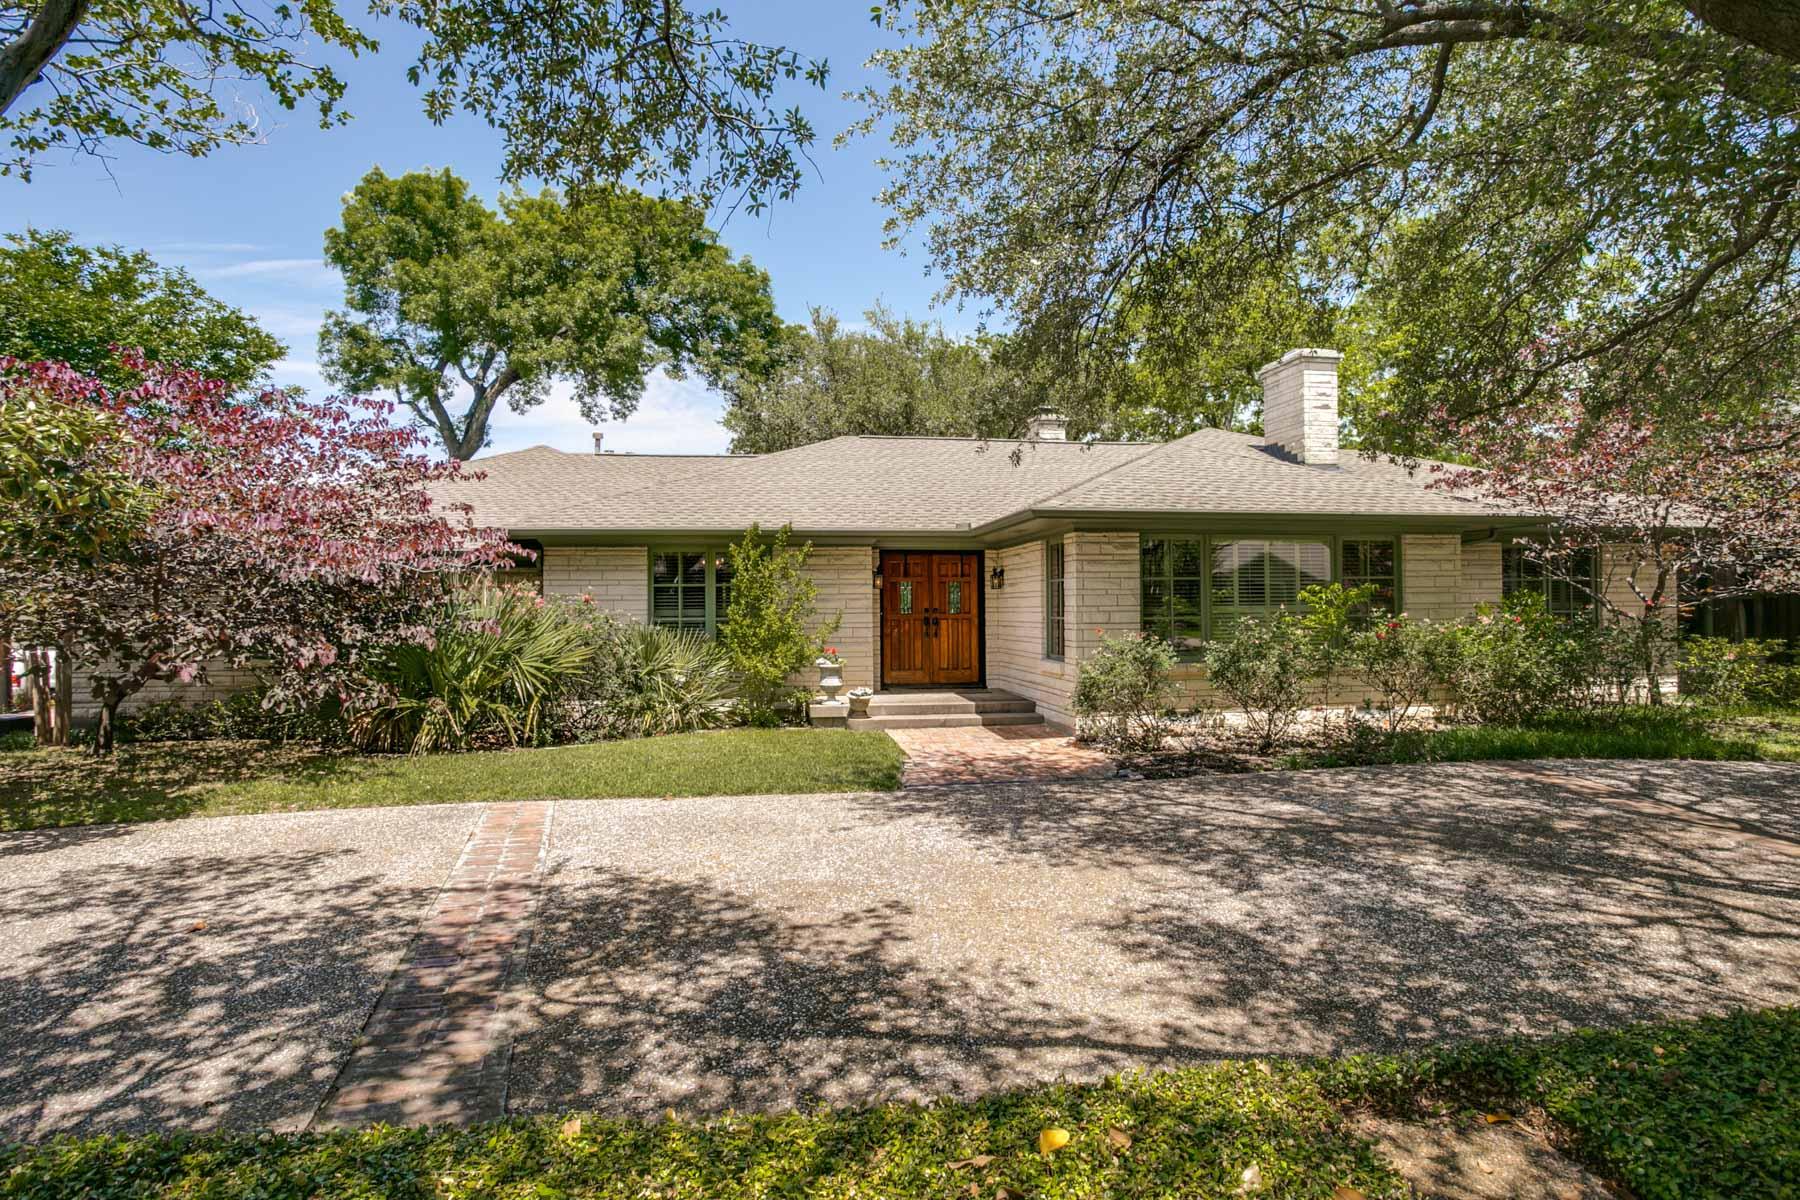 Single Family Home for Sale at 7003 Wabash Cir, Dallas Dallas, Texas, 75214 United States